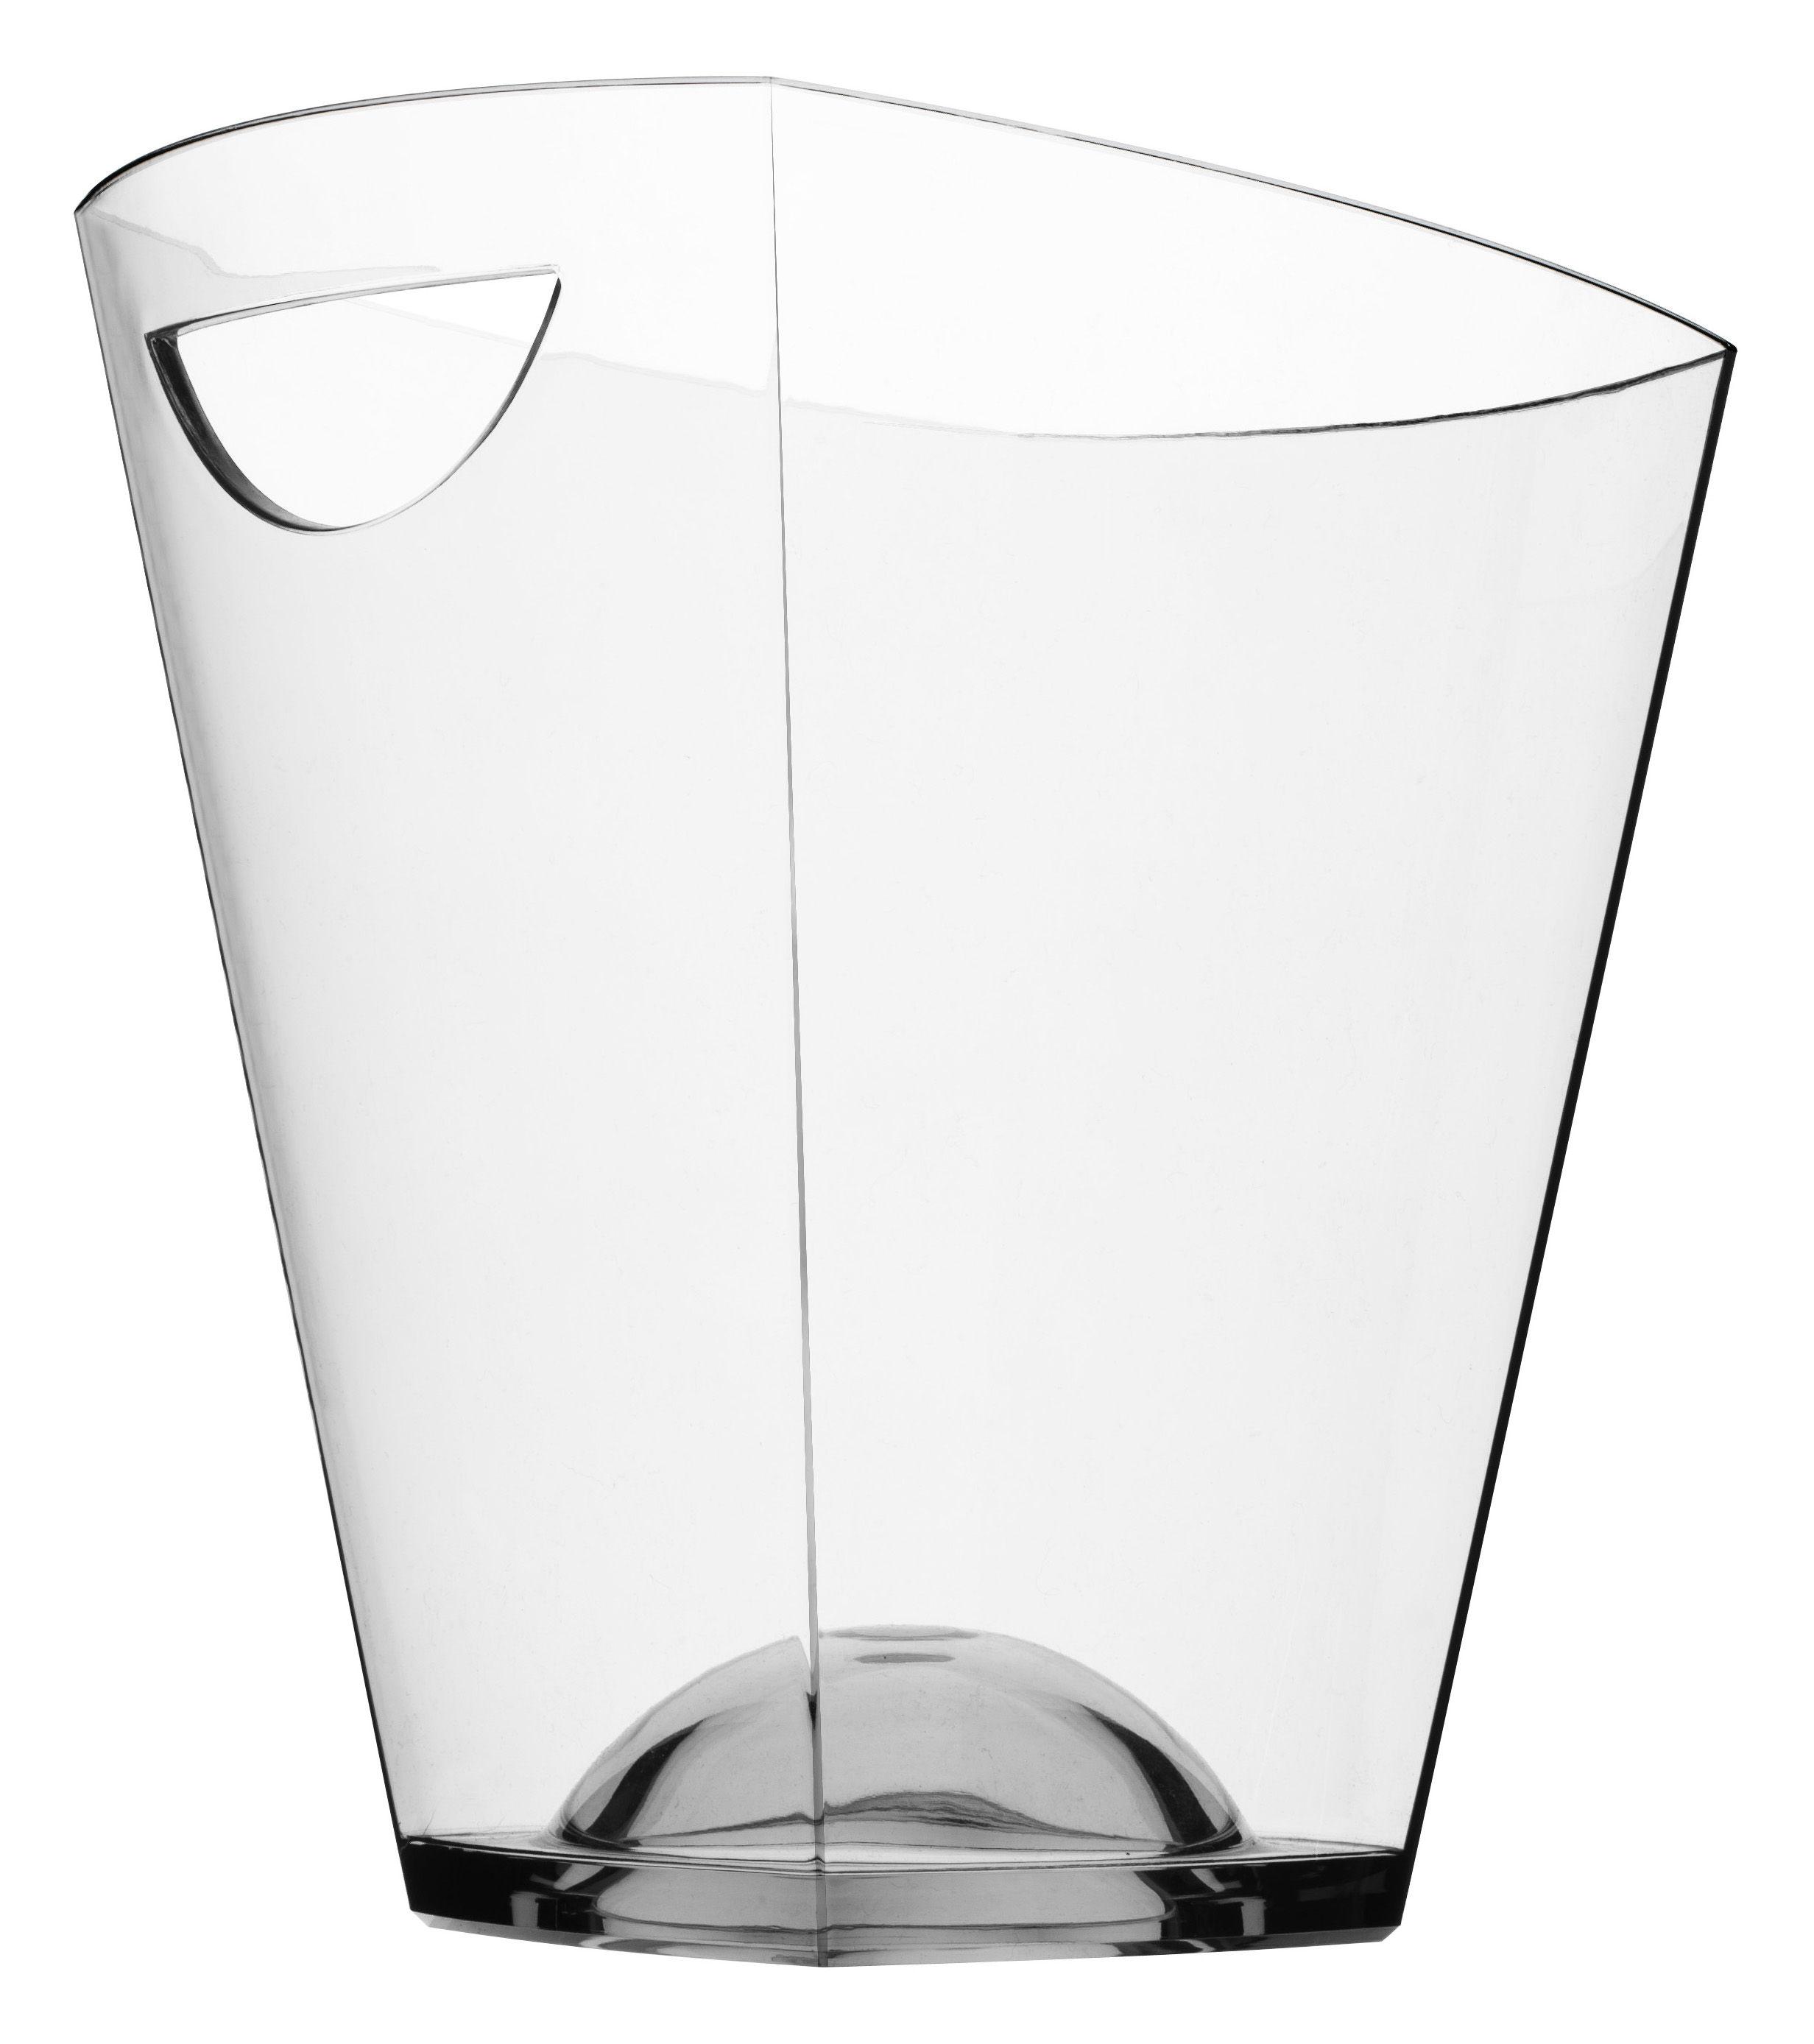 Tischkultur - Bar, Wein und Apéritif - Pagoda Champagner-Kühler - Italesse - Transparent - Acrylglas